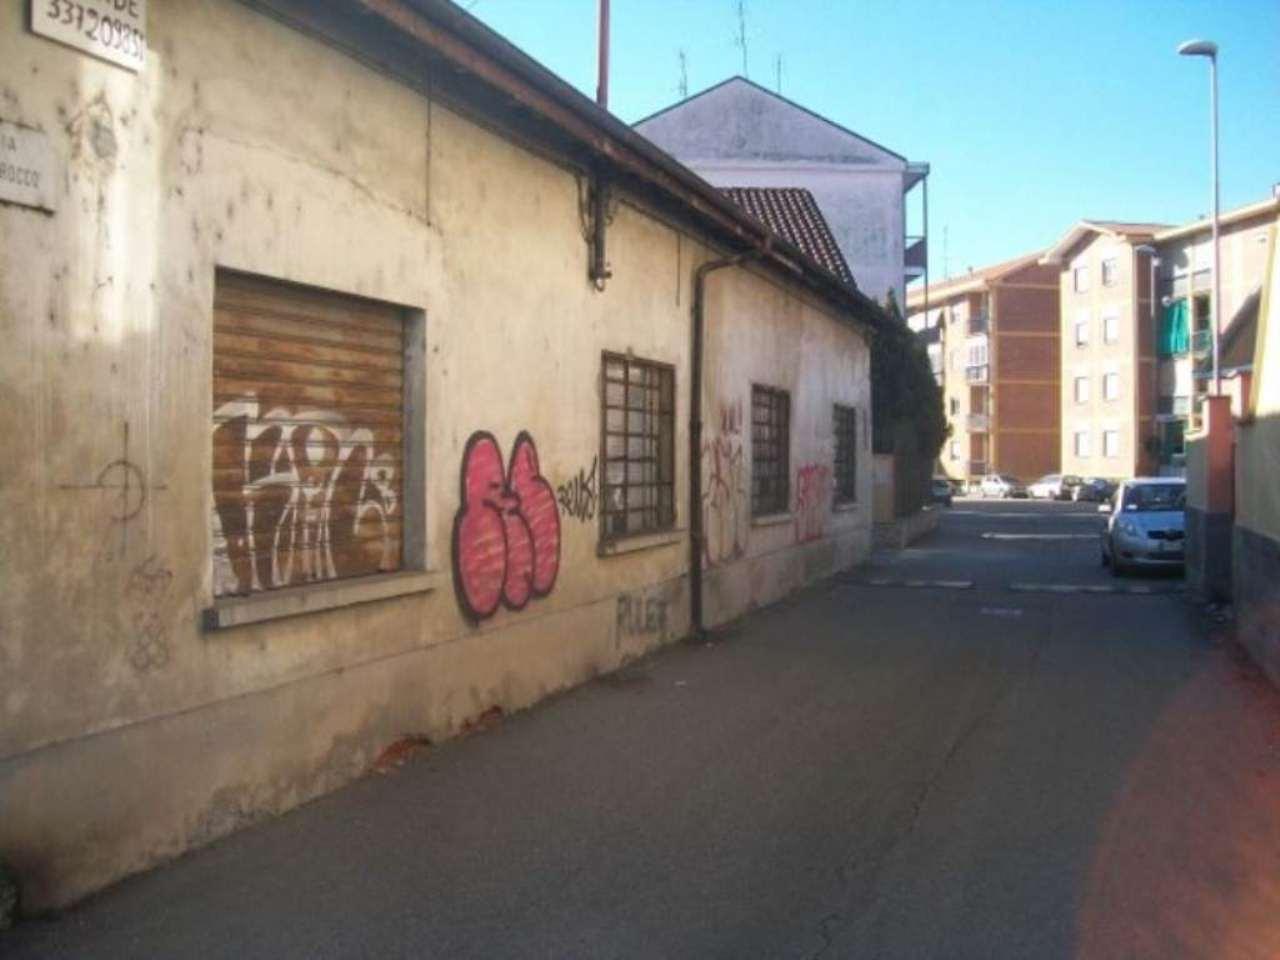 Soluzione Indipendente in vendita a Settimo Torinese, 3 locali, prezzo € 70.000 | Cambio Casa.it